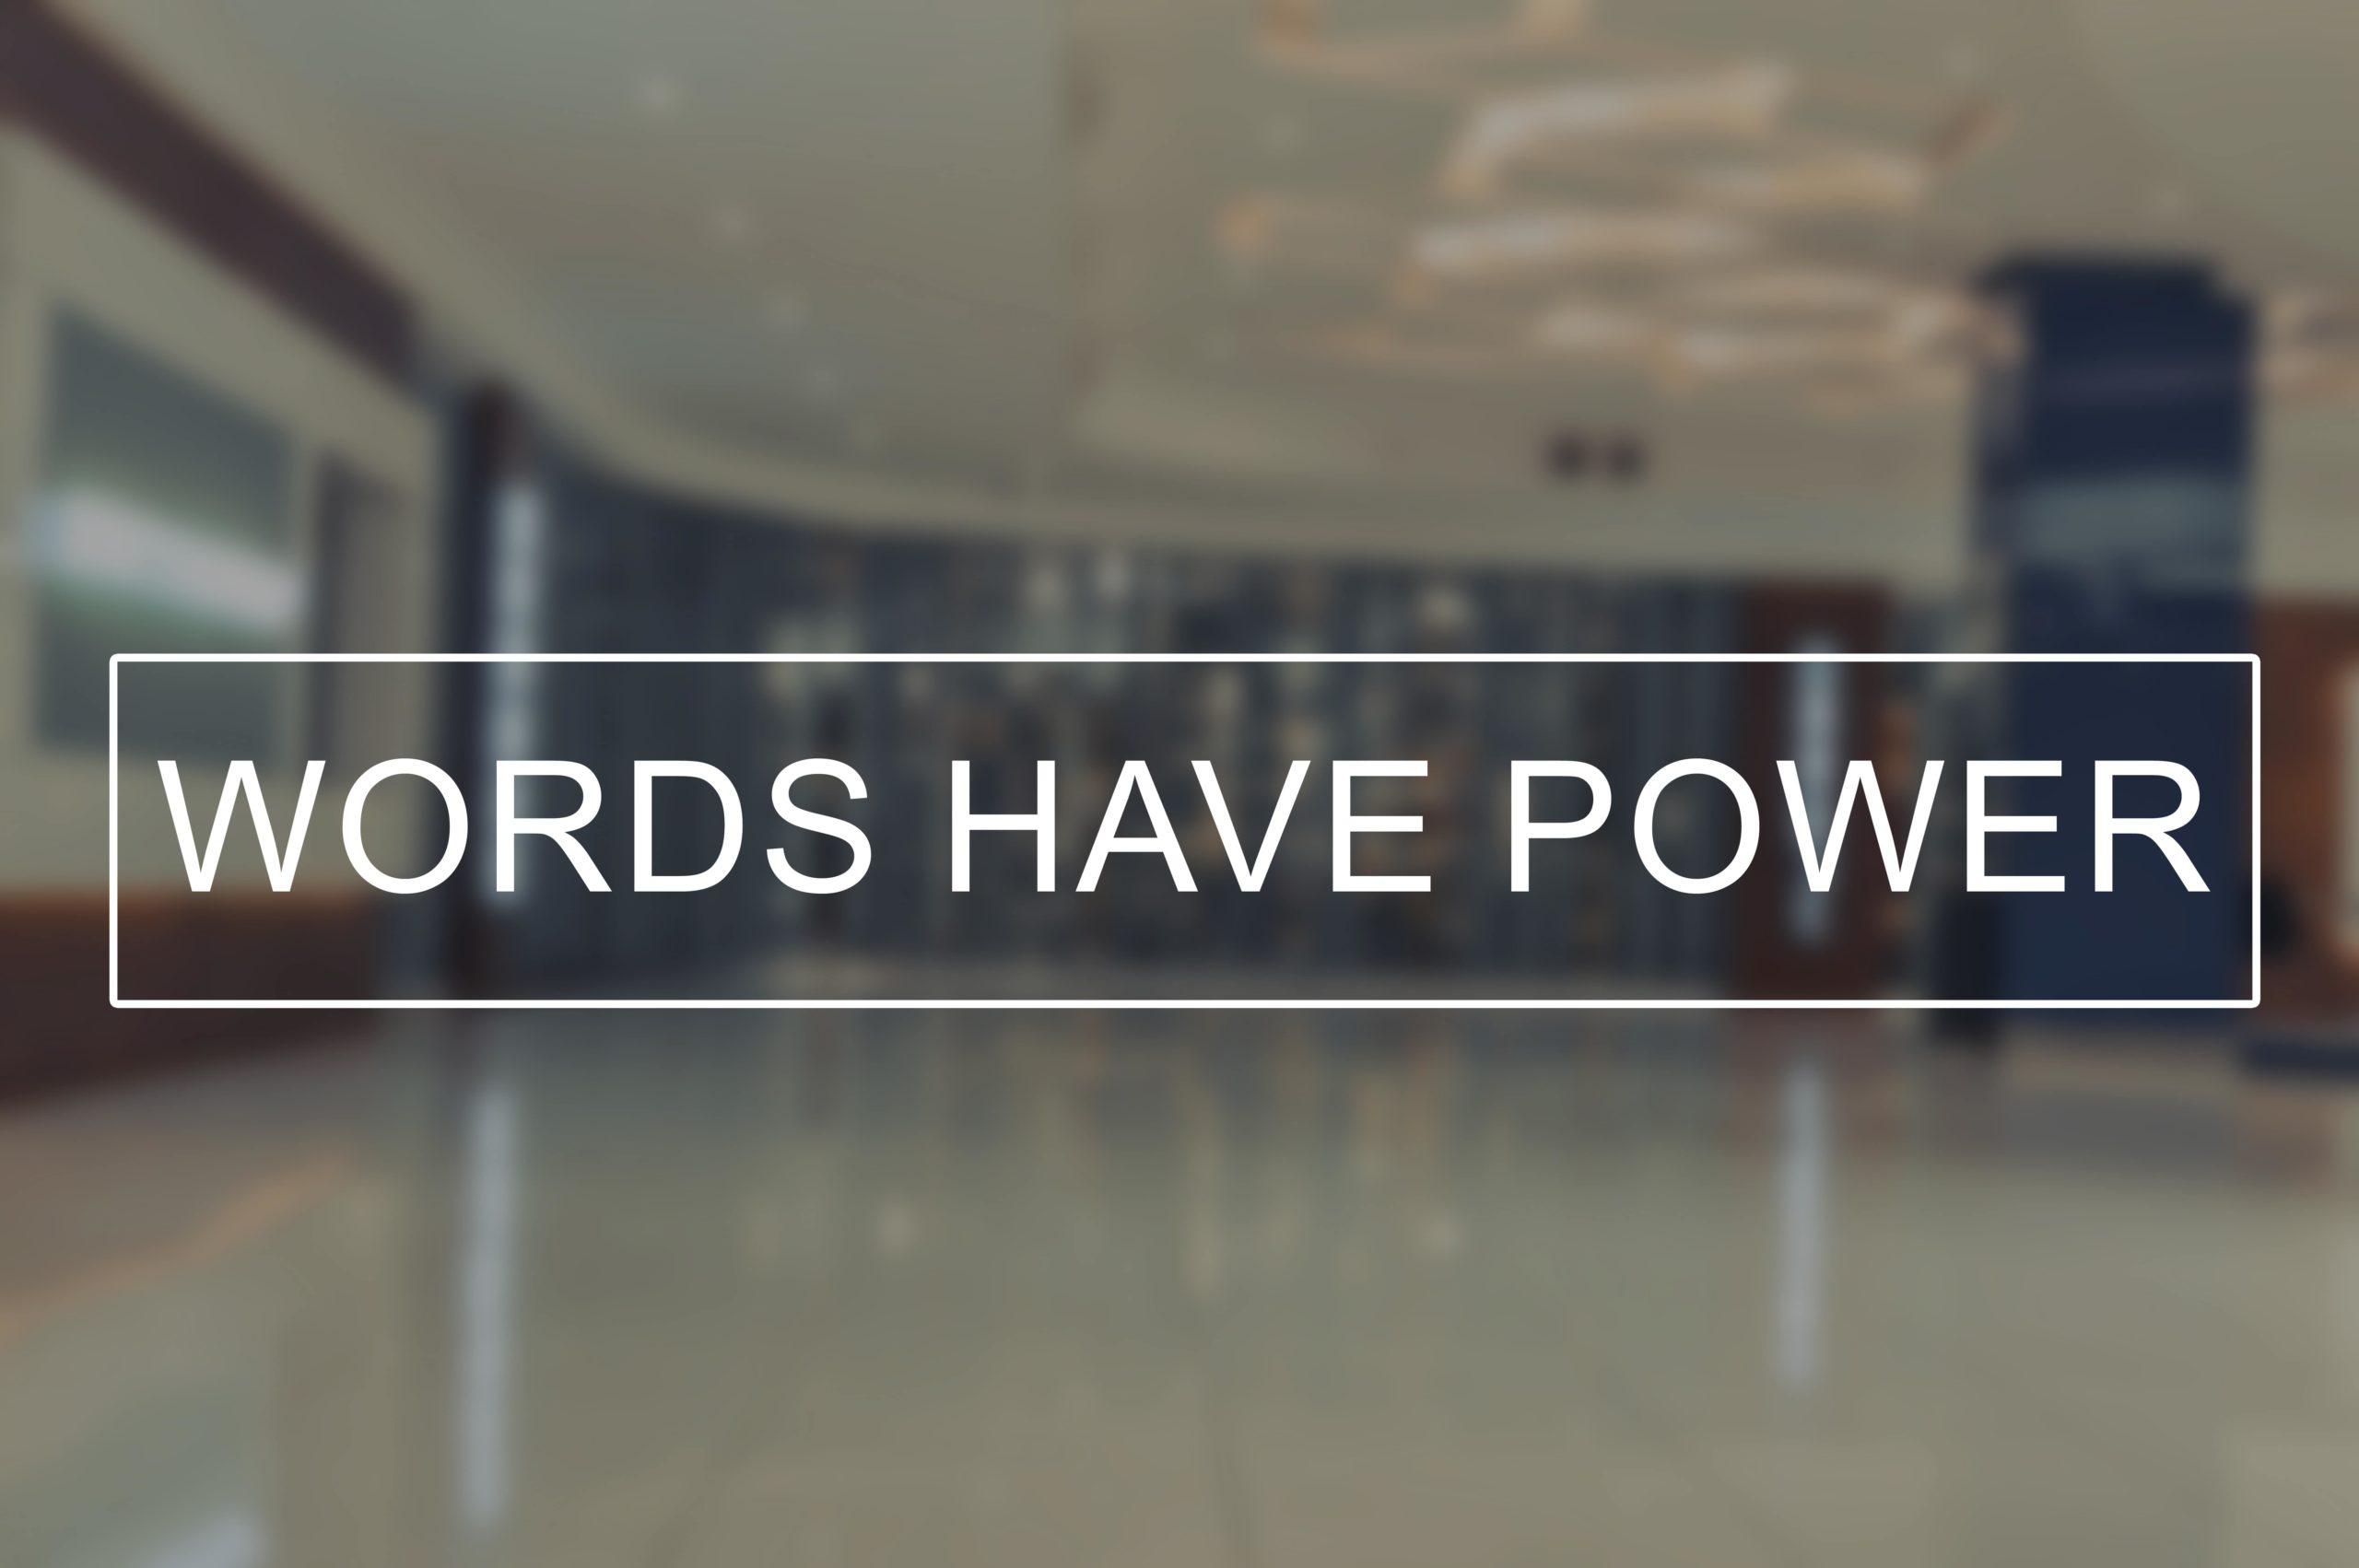 Kommunikation: Die Wirkung der positiven und lösungsorientierten Sprache in Wort und Schrift